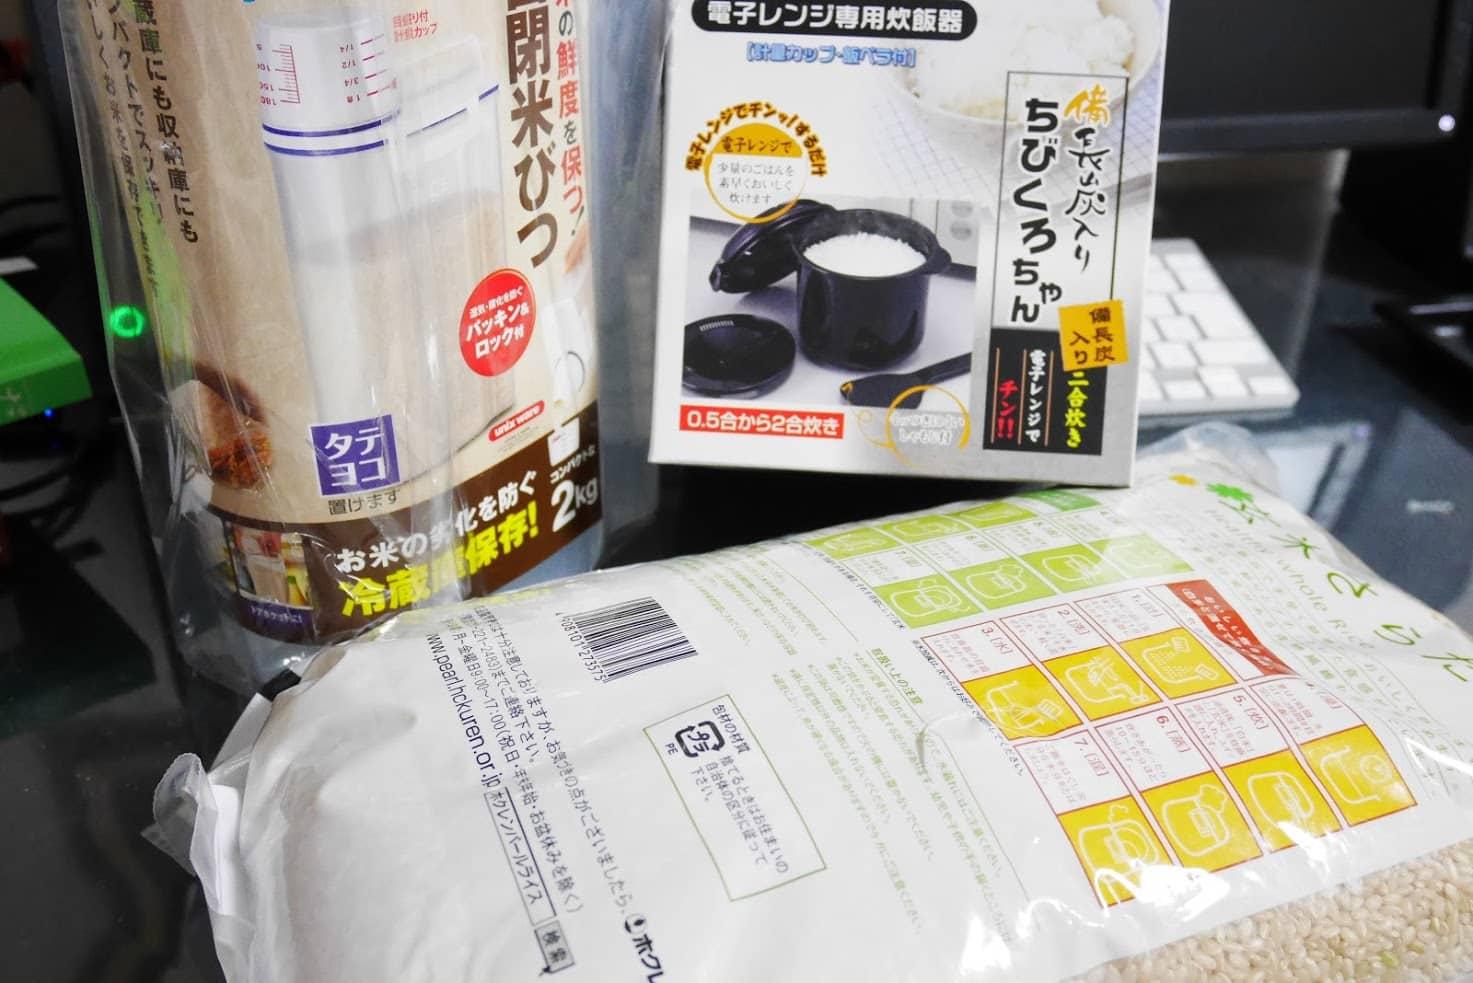 購入した「ちびくろちゃん」「玄米」「米びつ」の集合写真